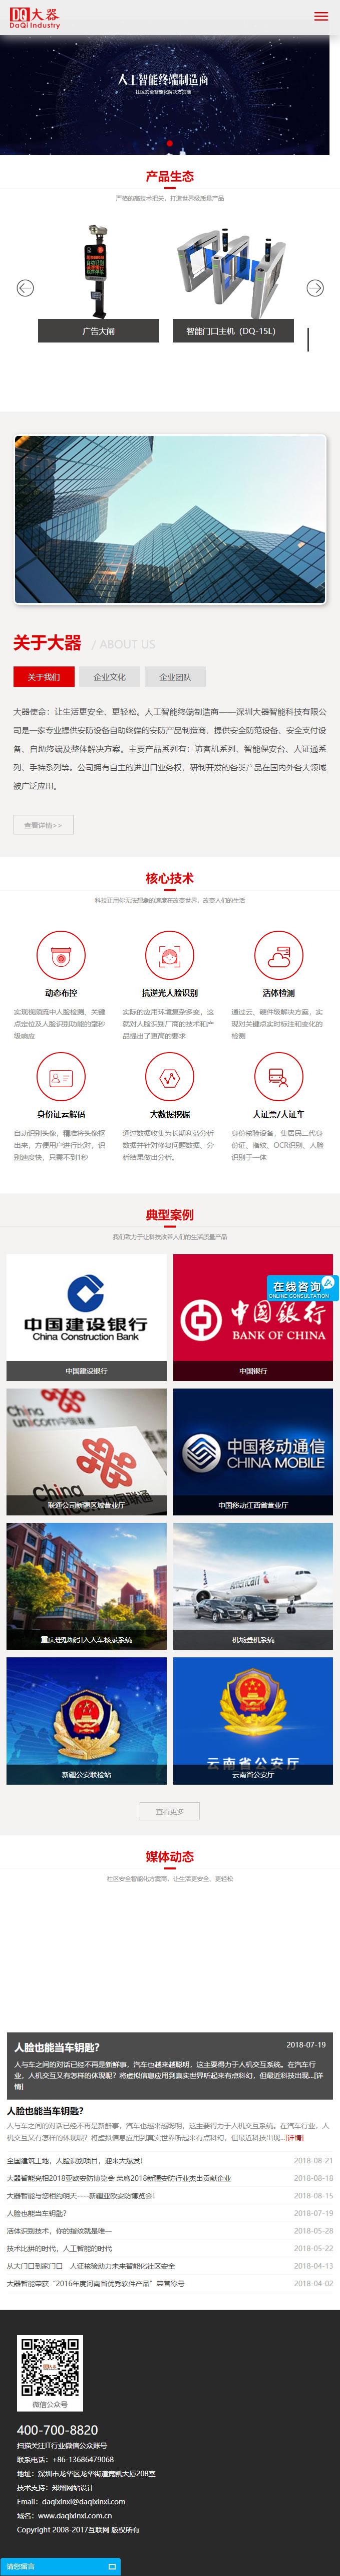 深圳市大器智能技术有限公司响应式官网手机端截图